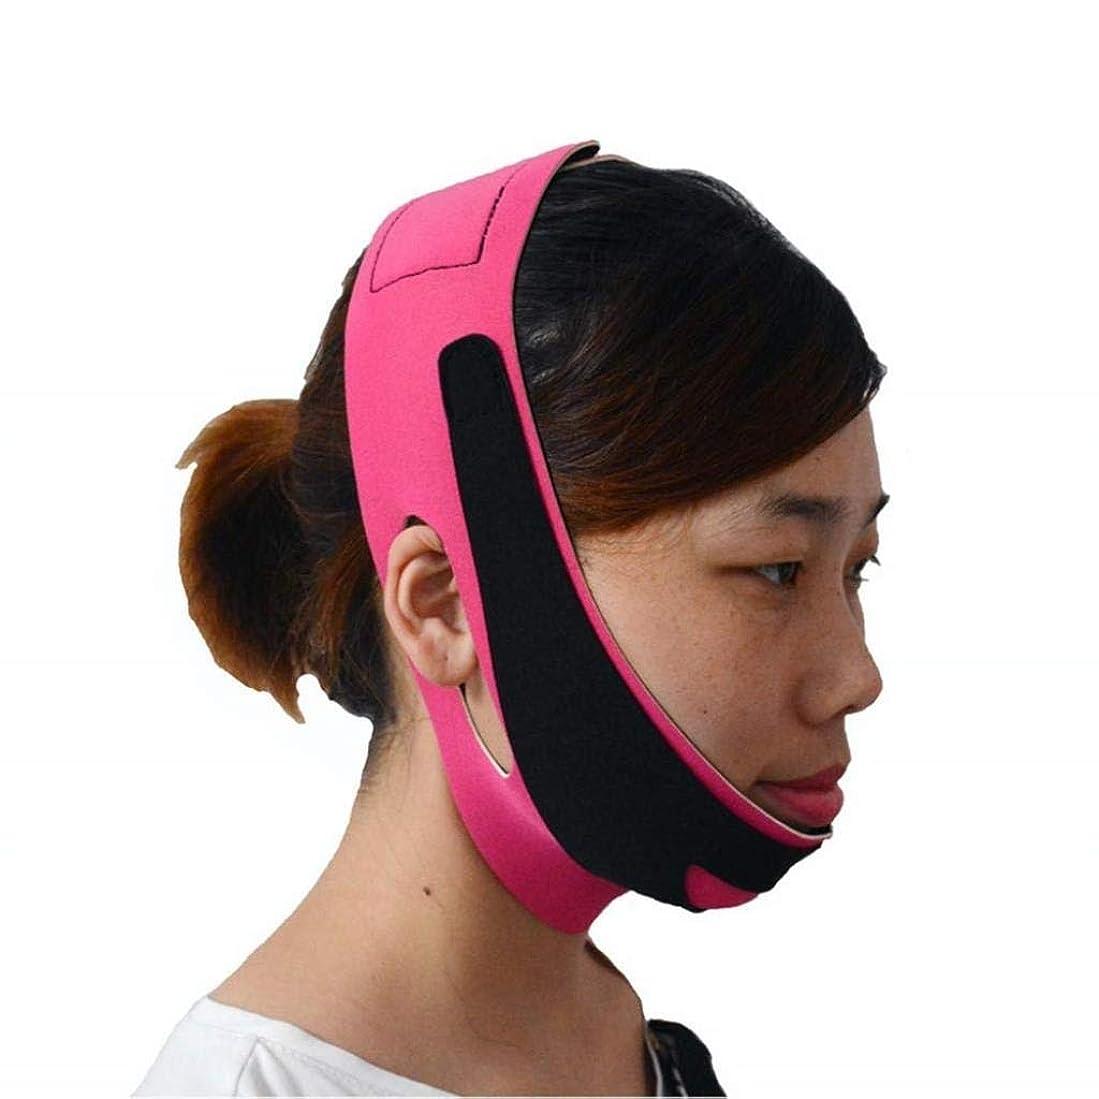 サイクル影響する聴覚Vフェイスラインベルトチンチークスリムリフトアップアンチリンクルマスク超薄型ストラップバンドVフェイスラインベルトストラップバンド通気性